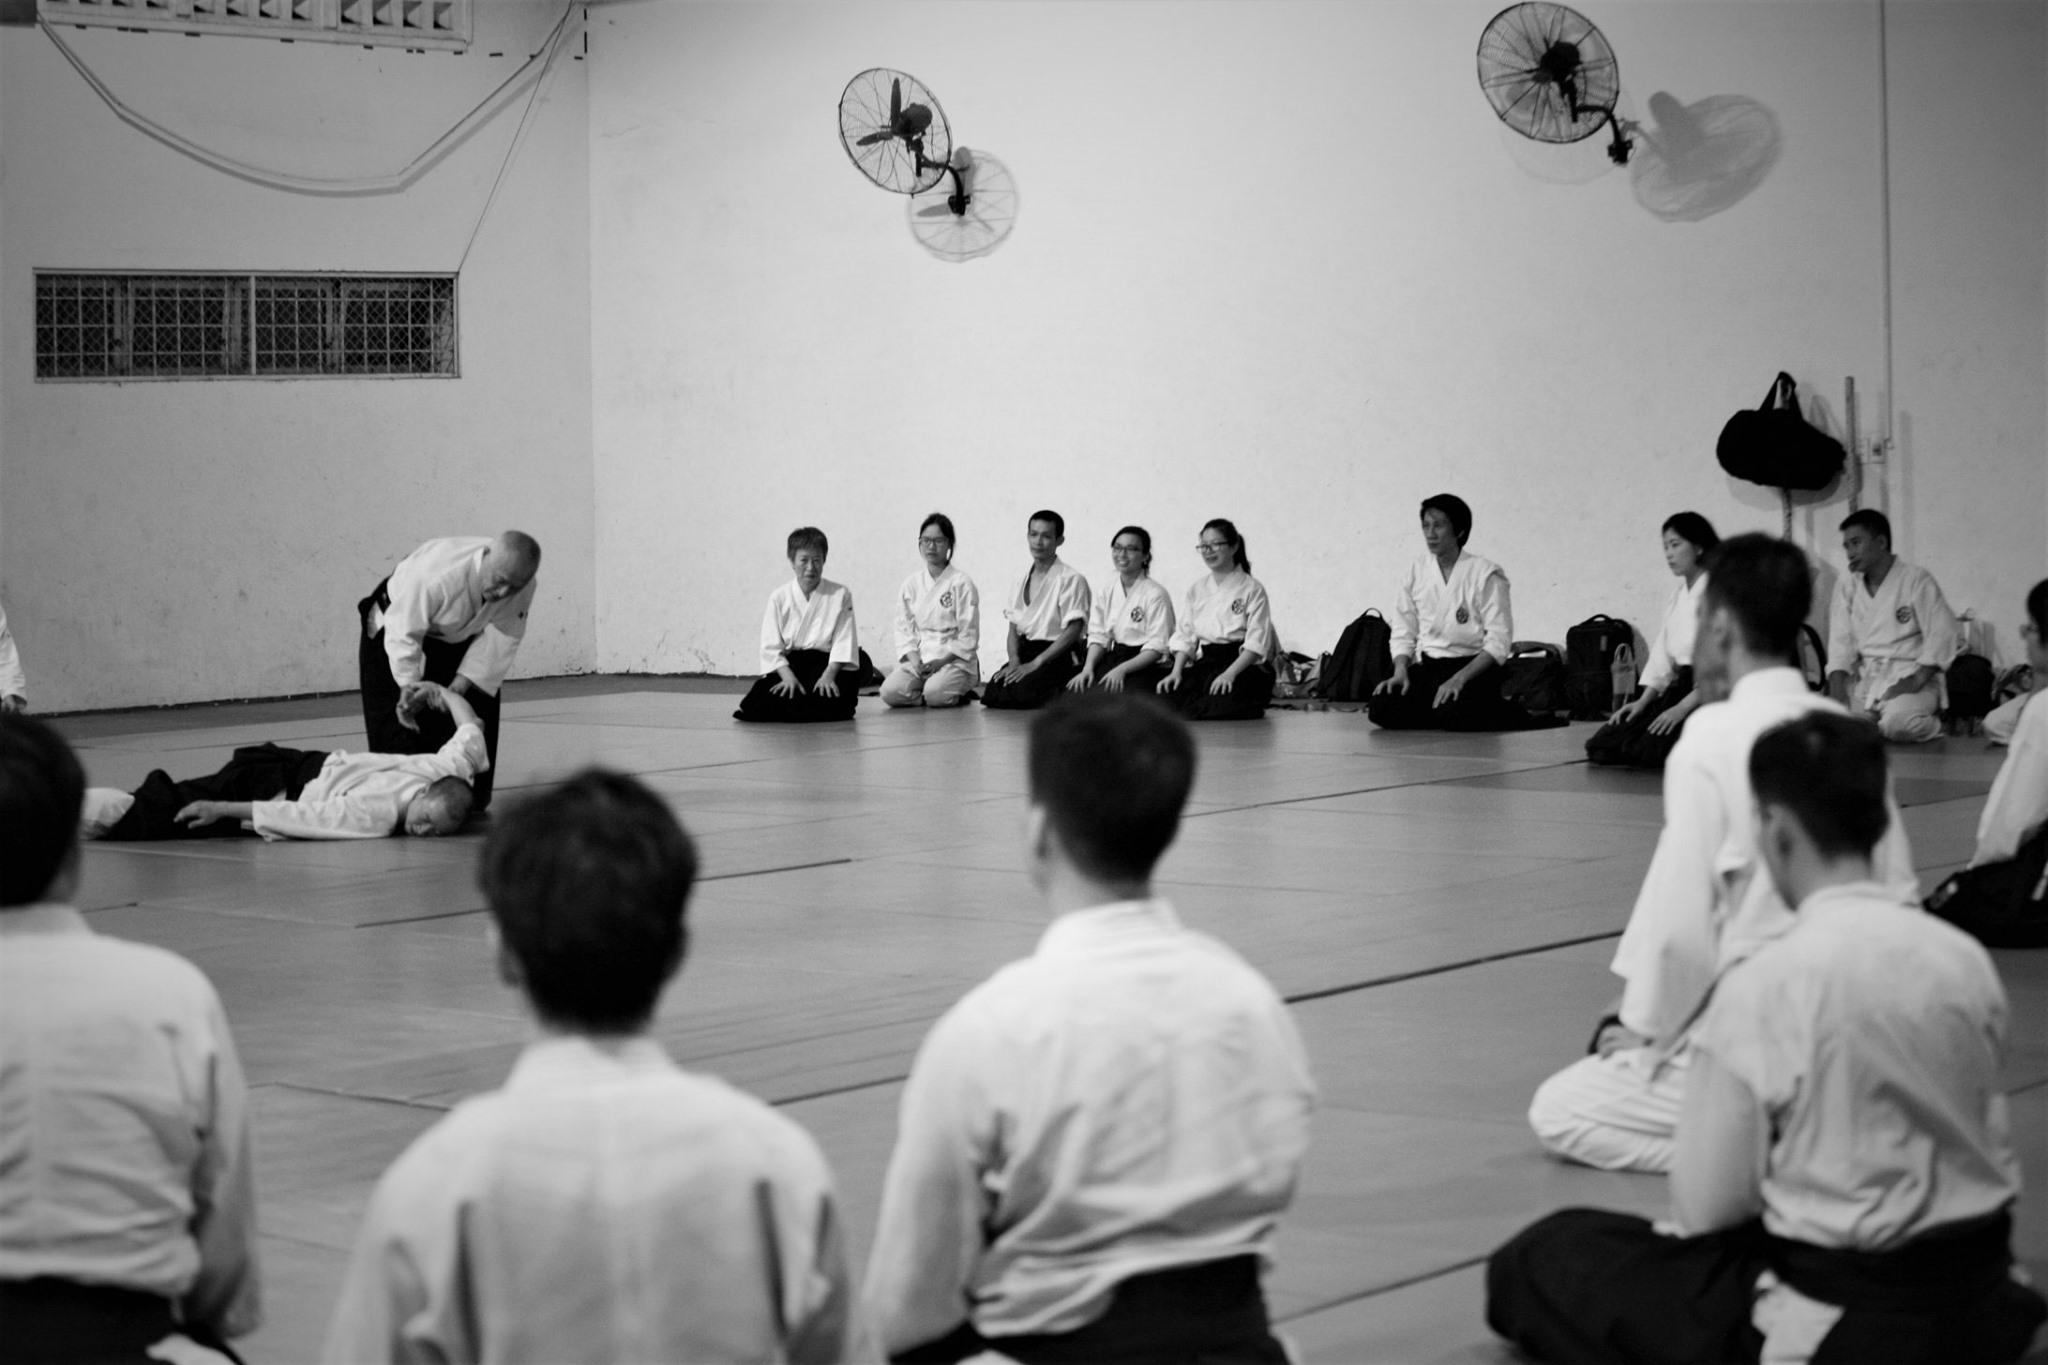 [Album] 2019.10.12 Seminar Aikido Nakao Sensei